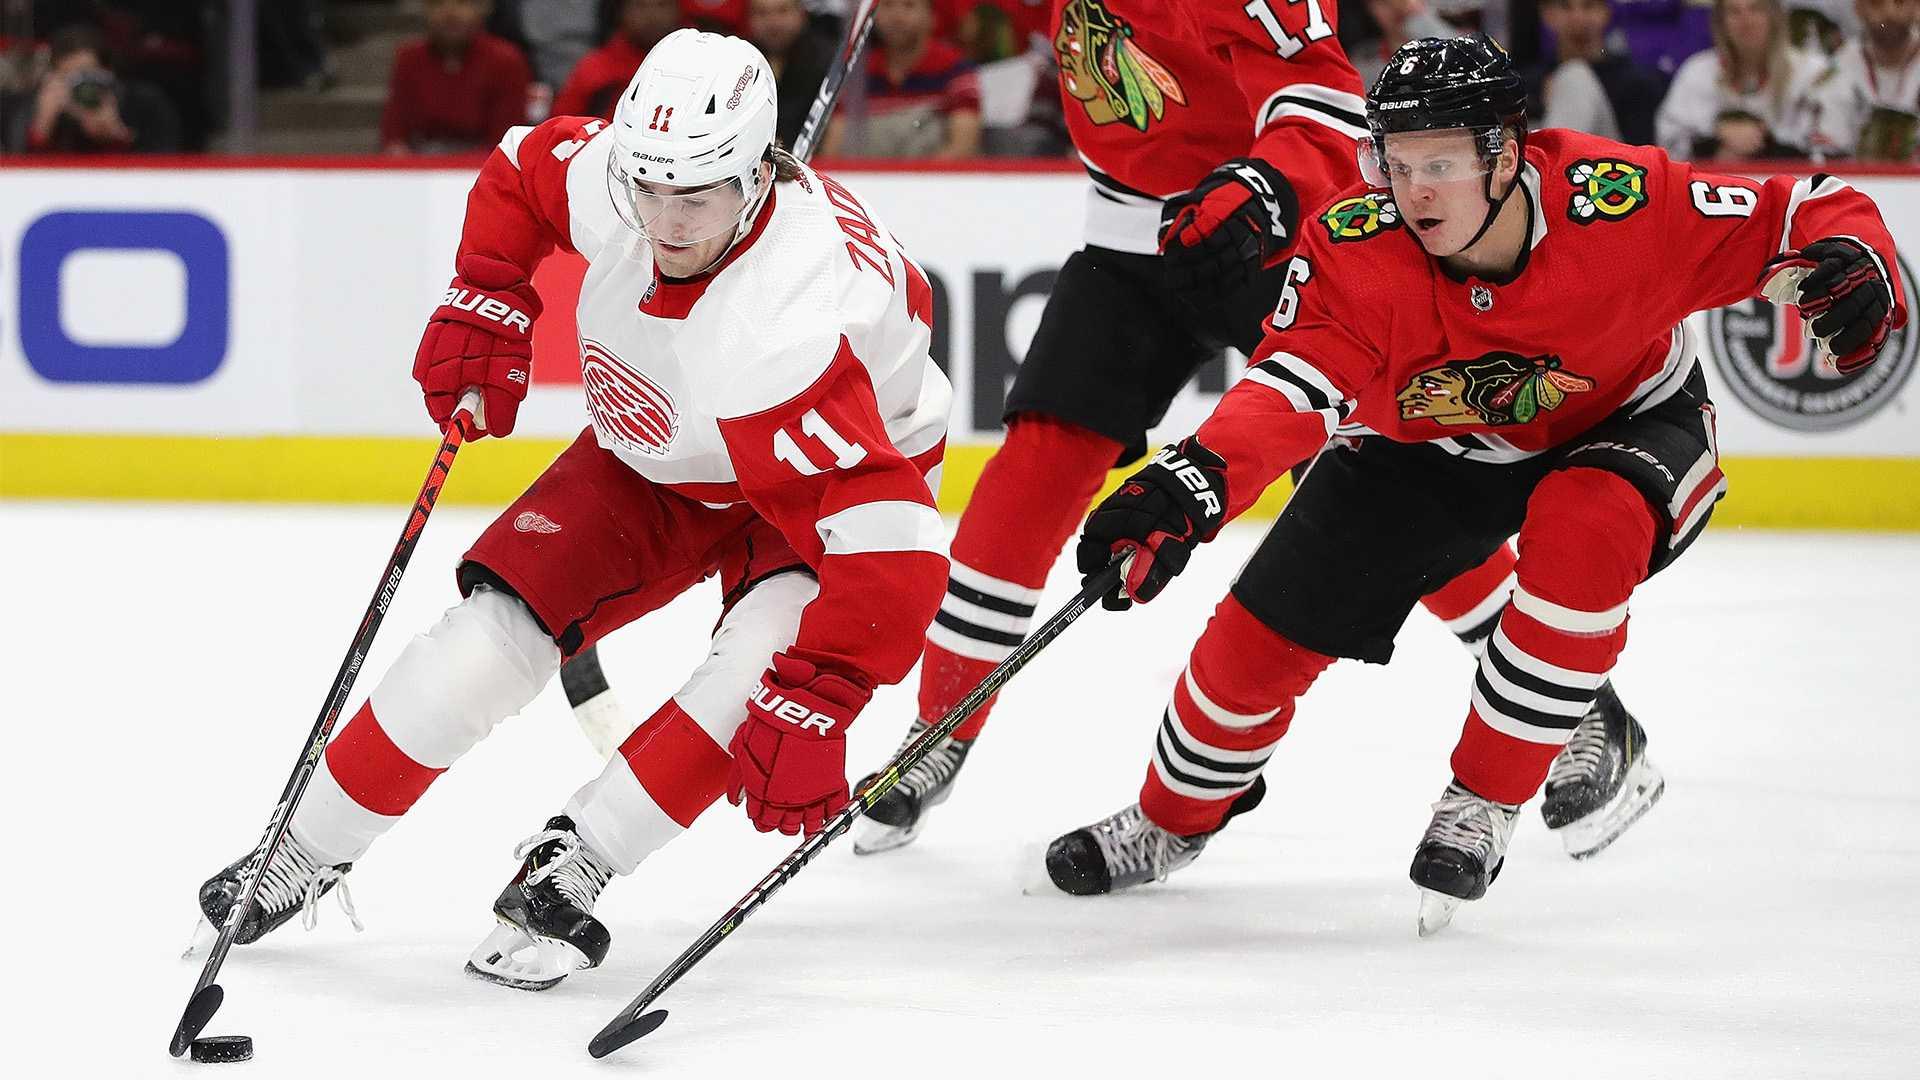 Red Wings vs. Blackhawks: Rivalry Renewed